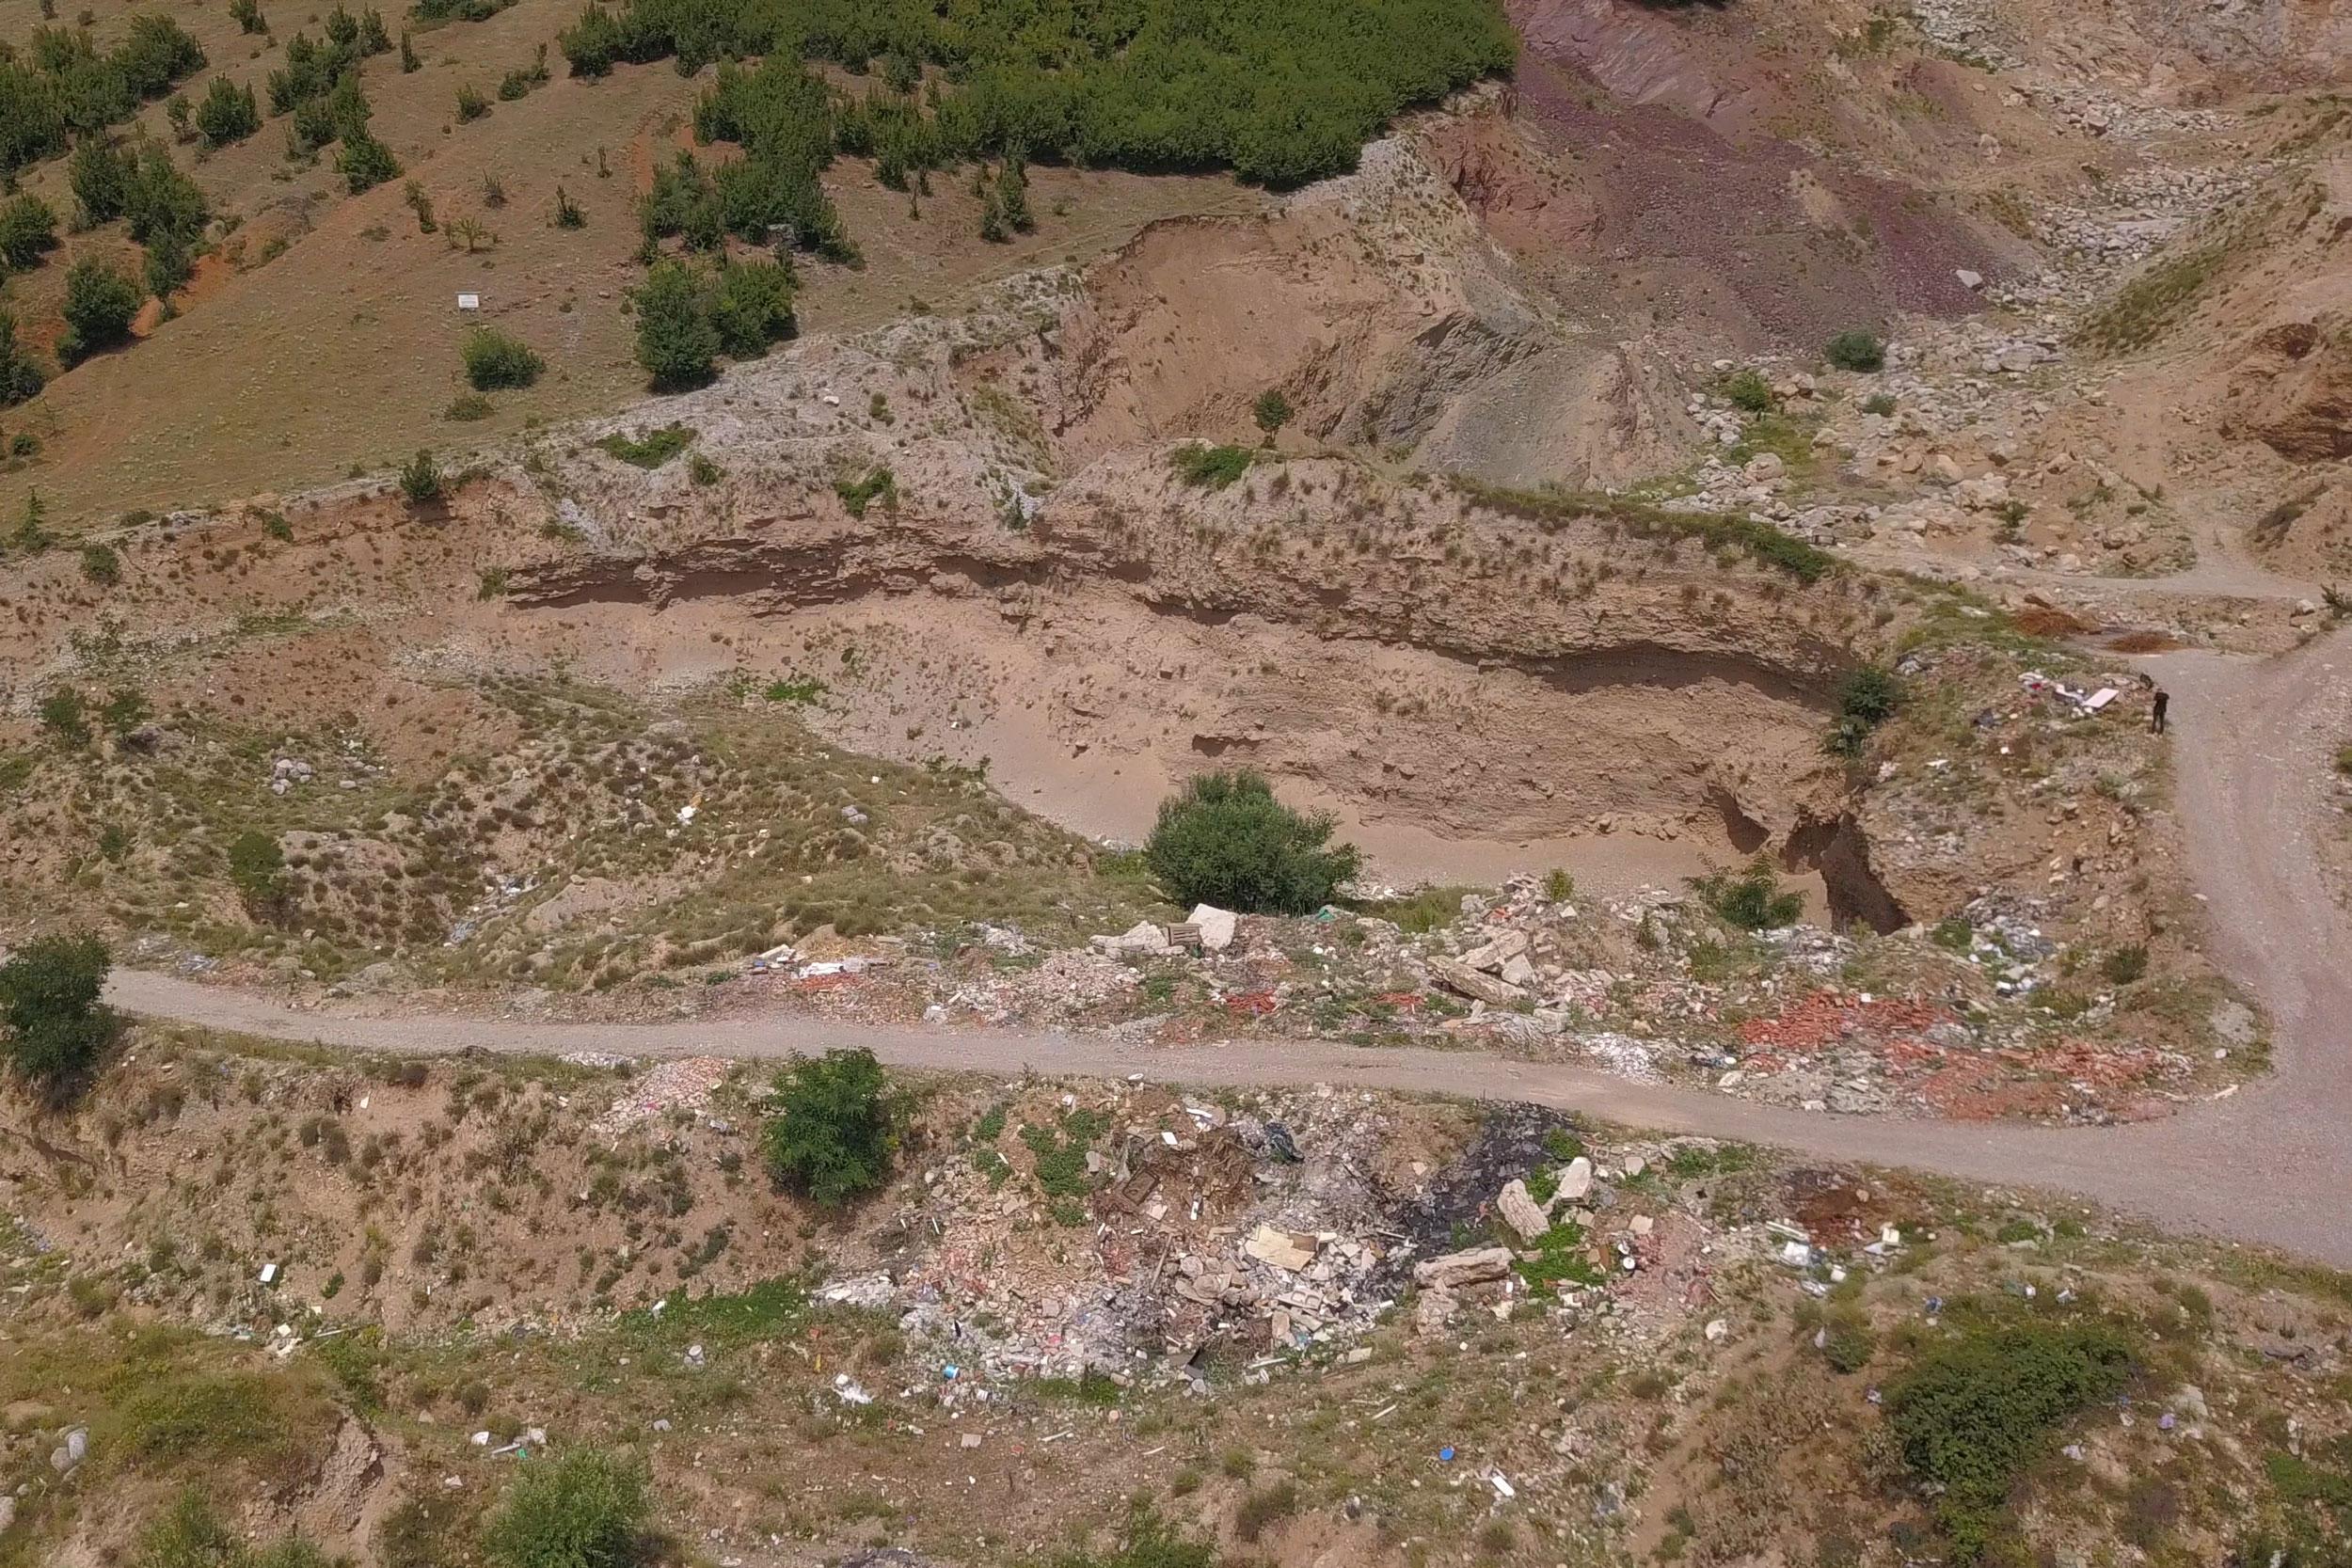 Ky degradim është bërë ndër vite në fshatin Vrellë të Komunës së Istogut nga dy gurthyes, të cilët nuk e kanë rehabilituar vendin pas gërmimeve. Për këtë arsye ato janë proceduar në gjykatë, por të dy lëndët janë parashkruar nga gjykata